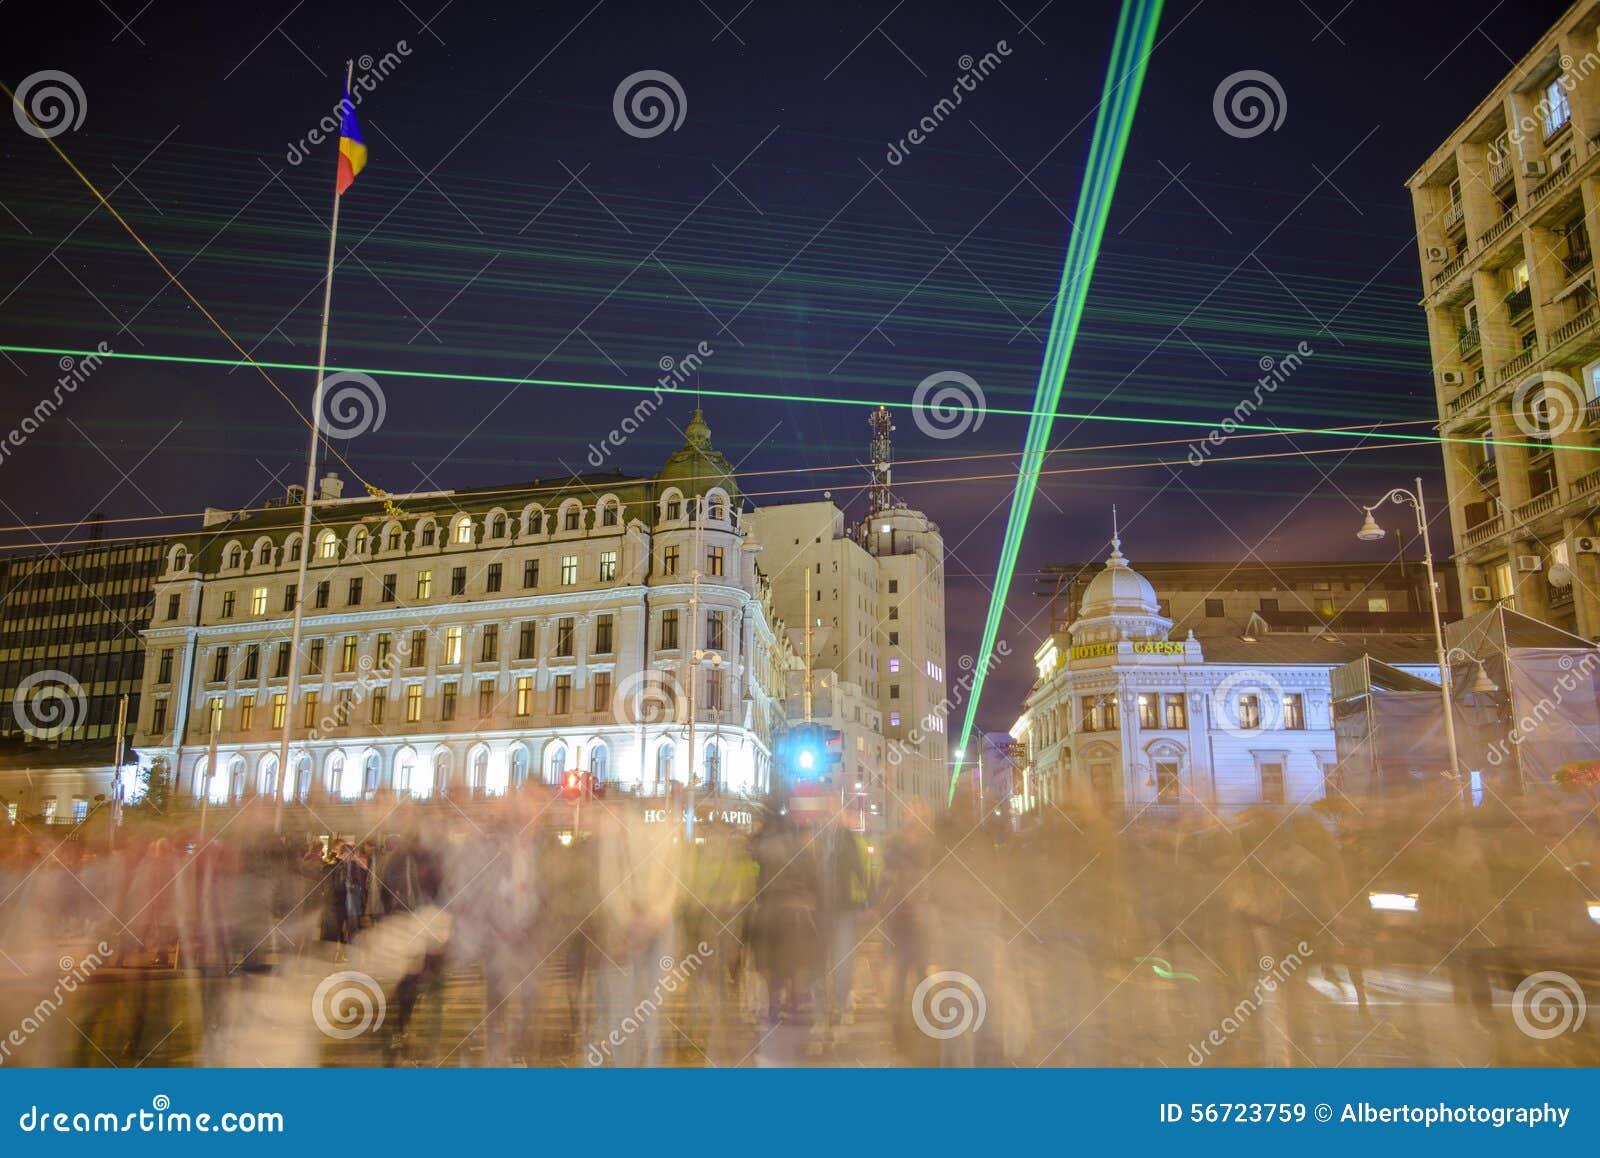 Bucharest - Calea Victoriei